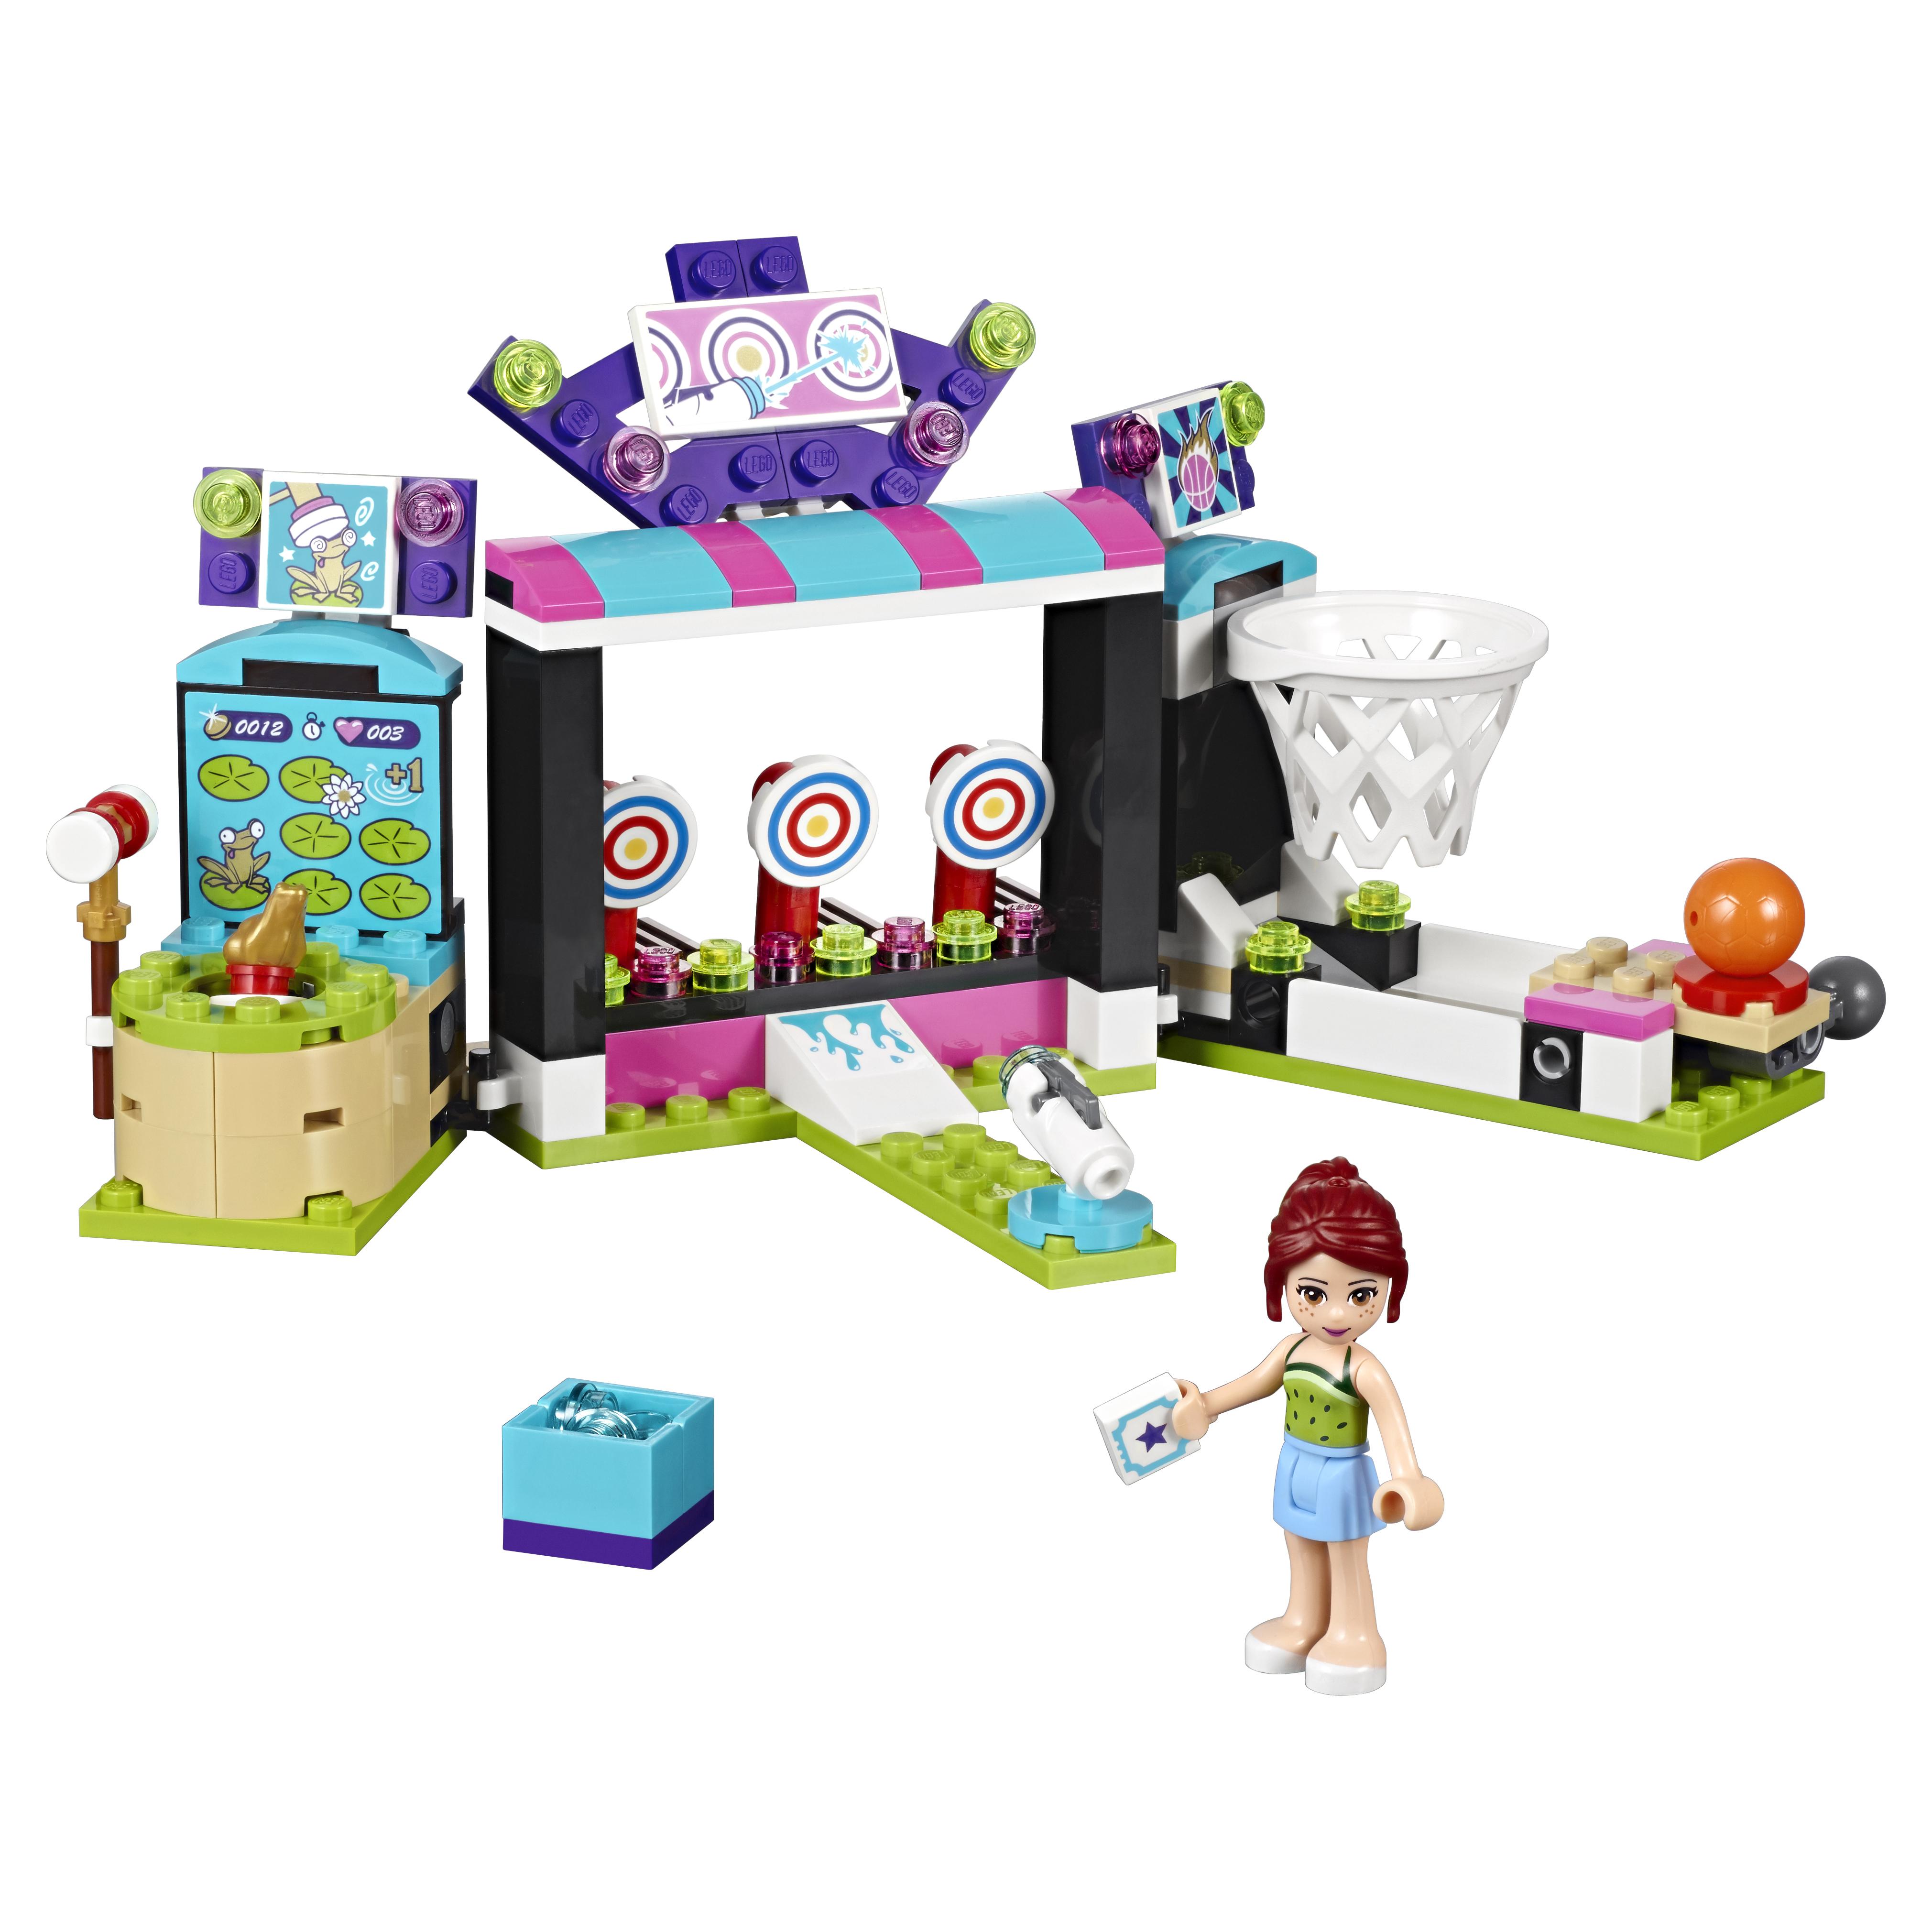 Конструктор LEGO Friends Парк развлечений: игровые автоматы (41127) фото